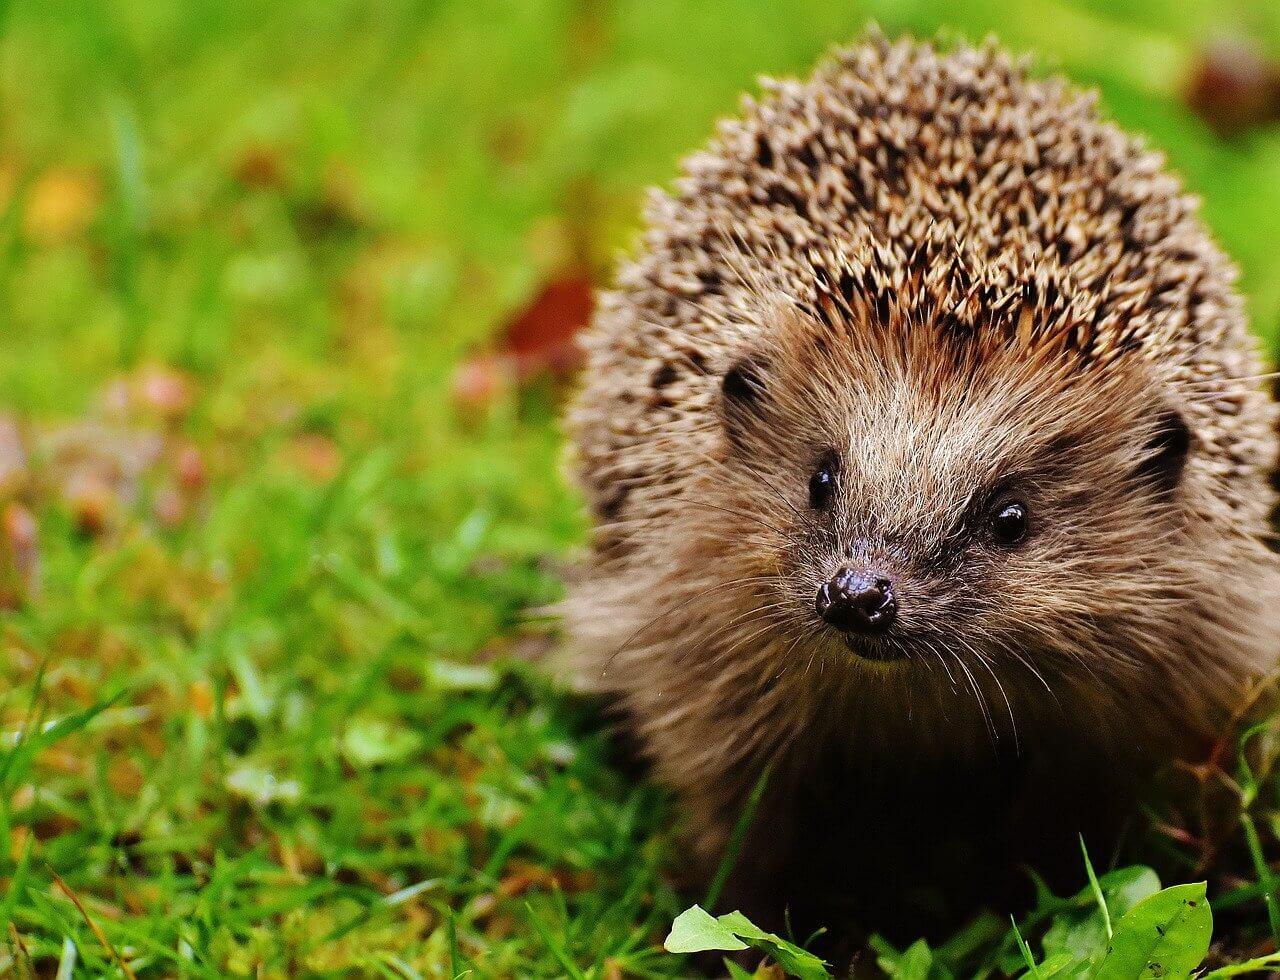 never buy Hedgehogs